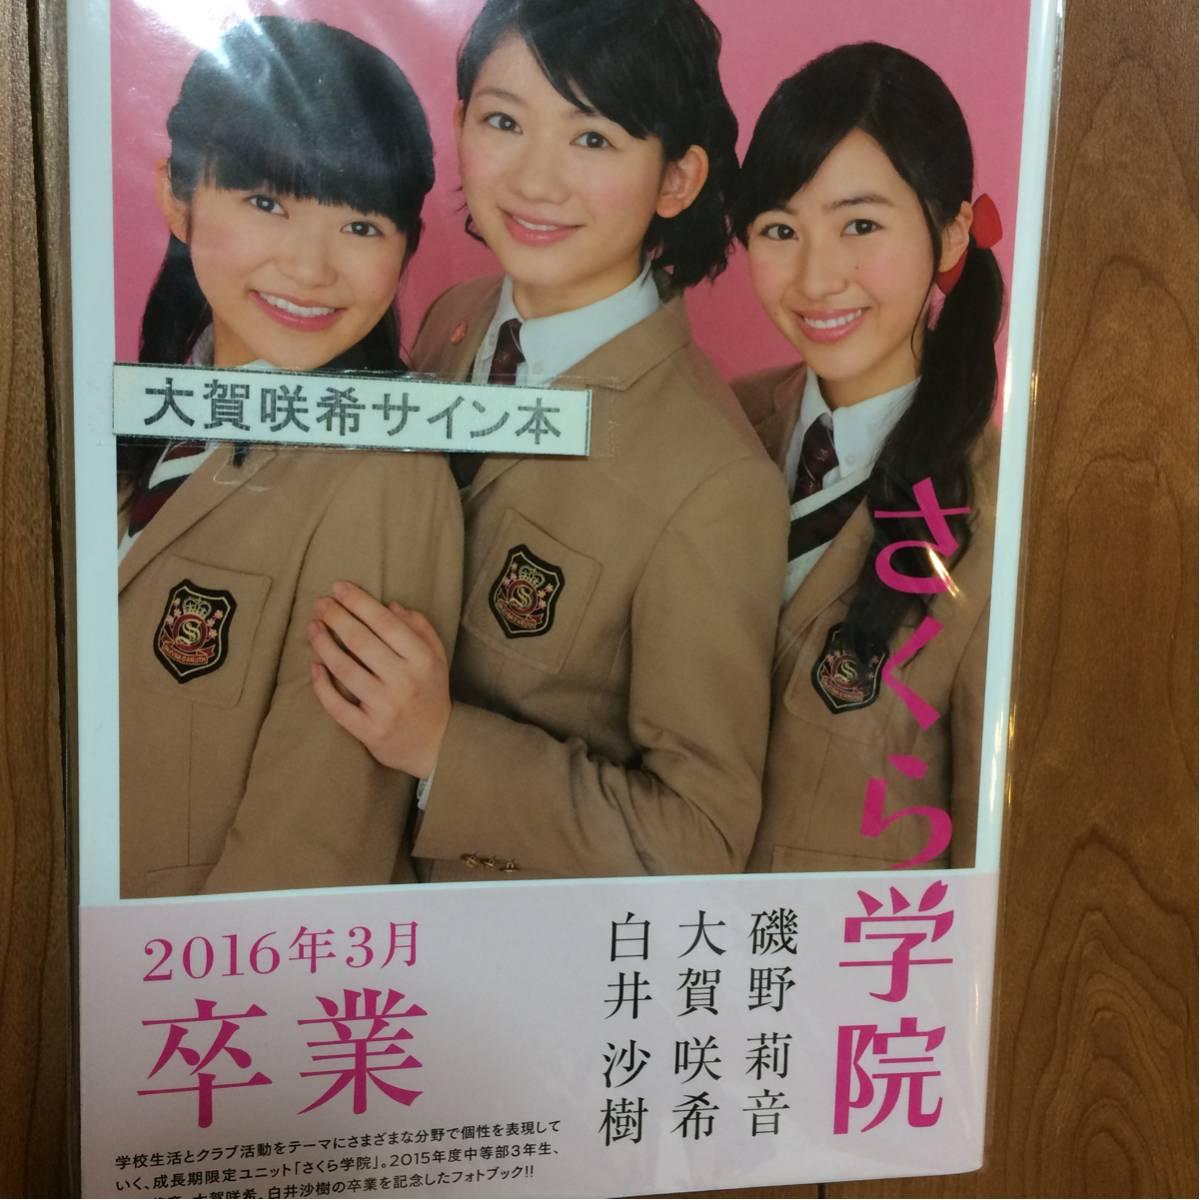 送料無料 新品 さくら学院 2016年3月卒業 大賀咲希サイン入り ライブグッズの画像